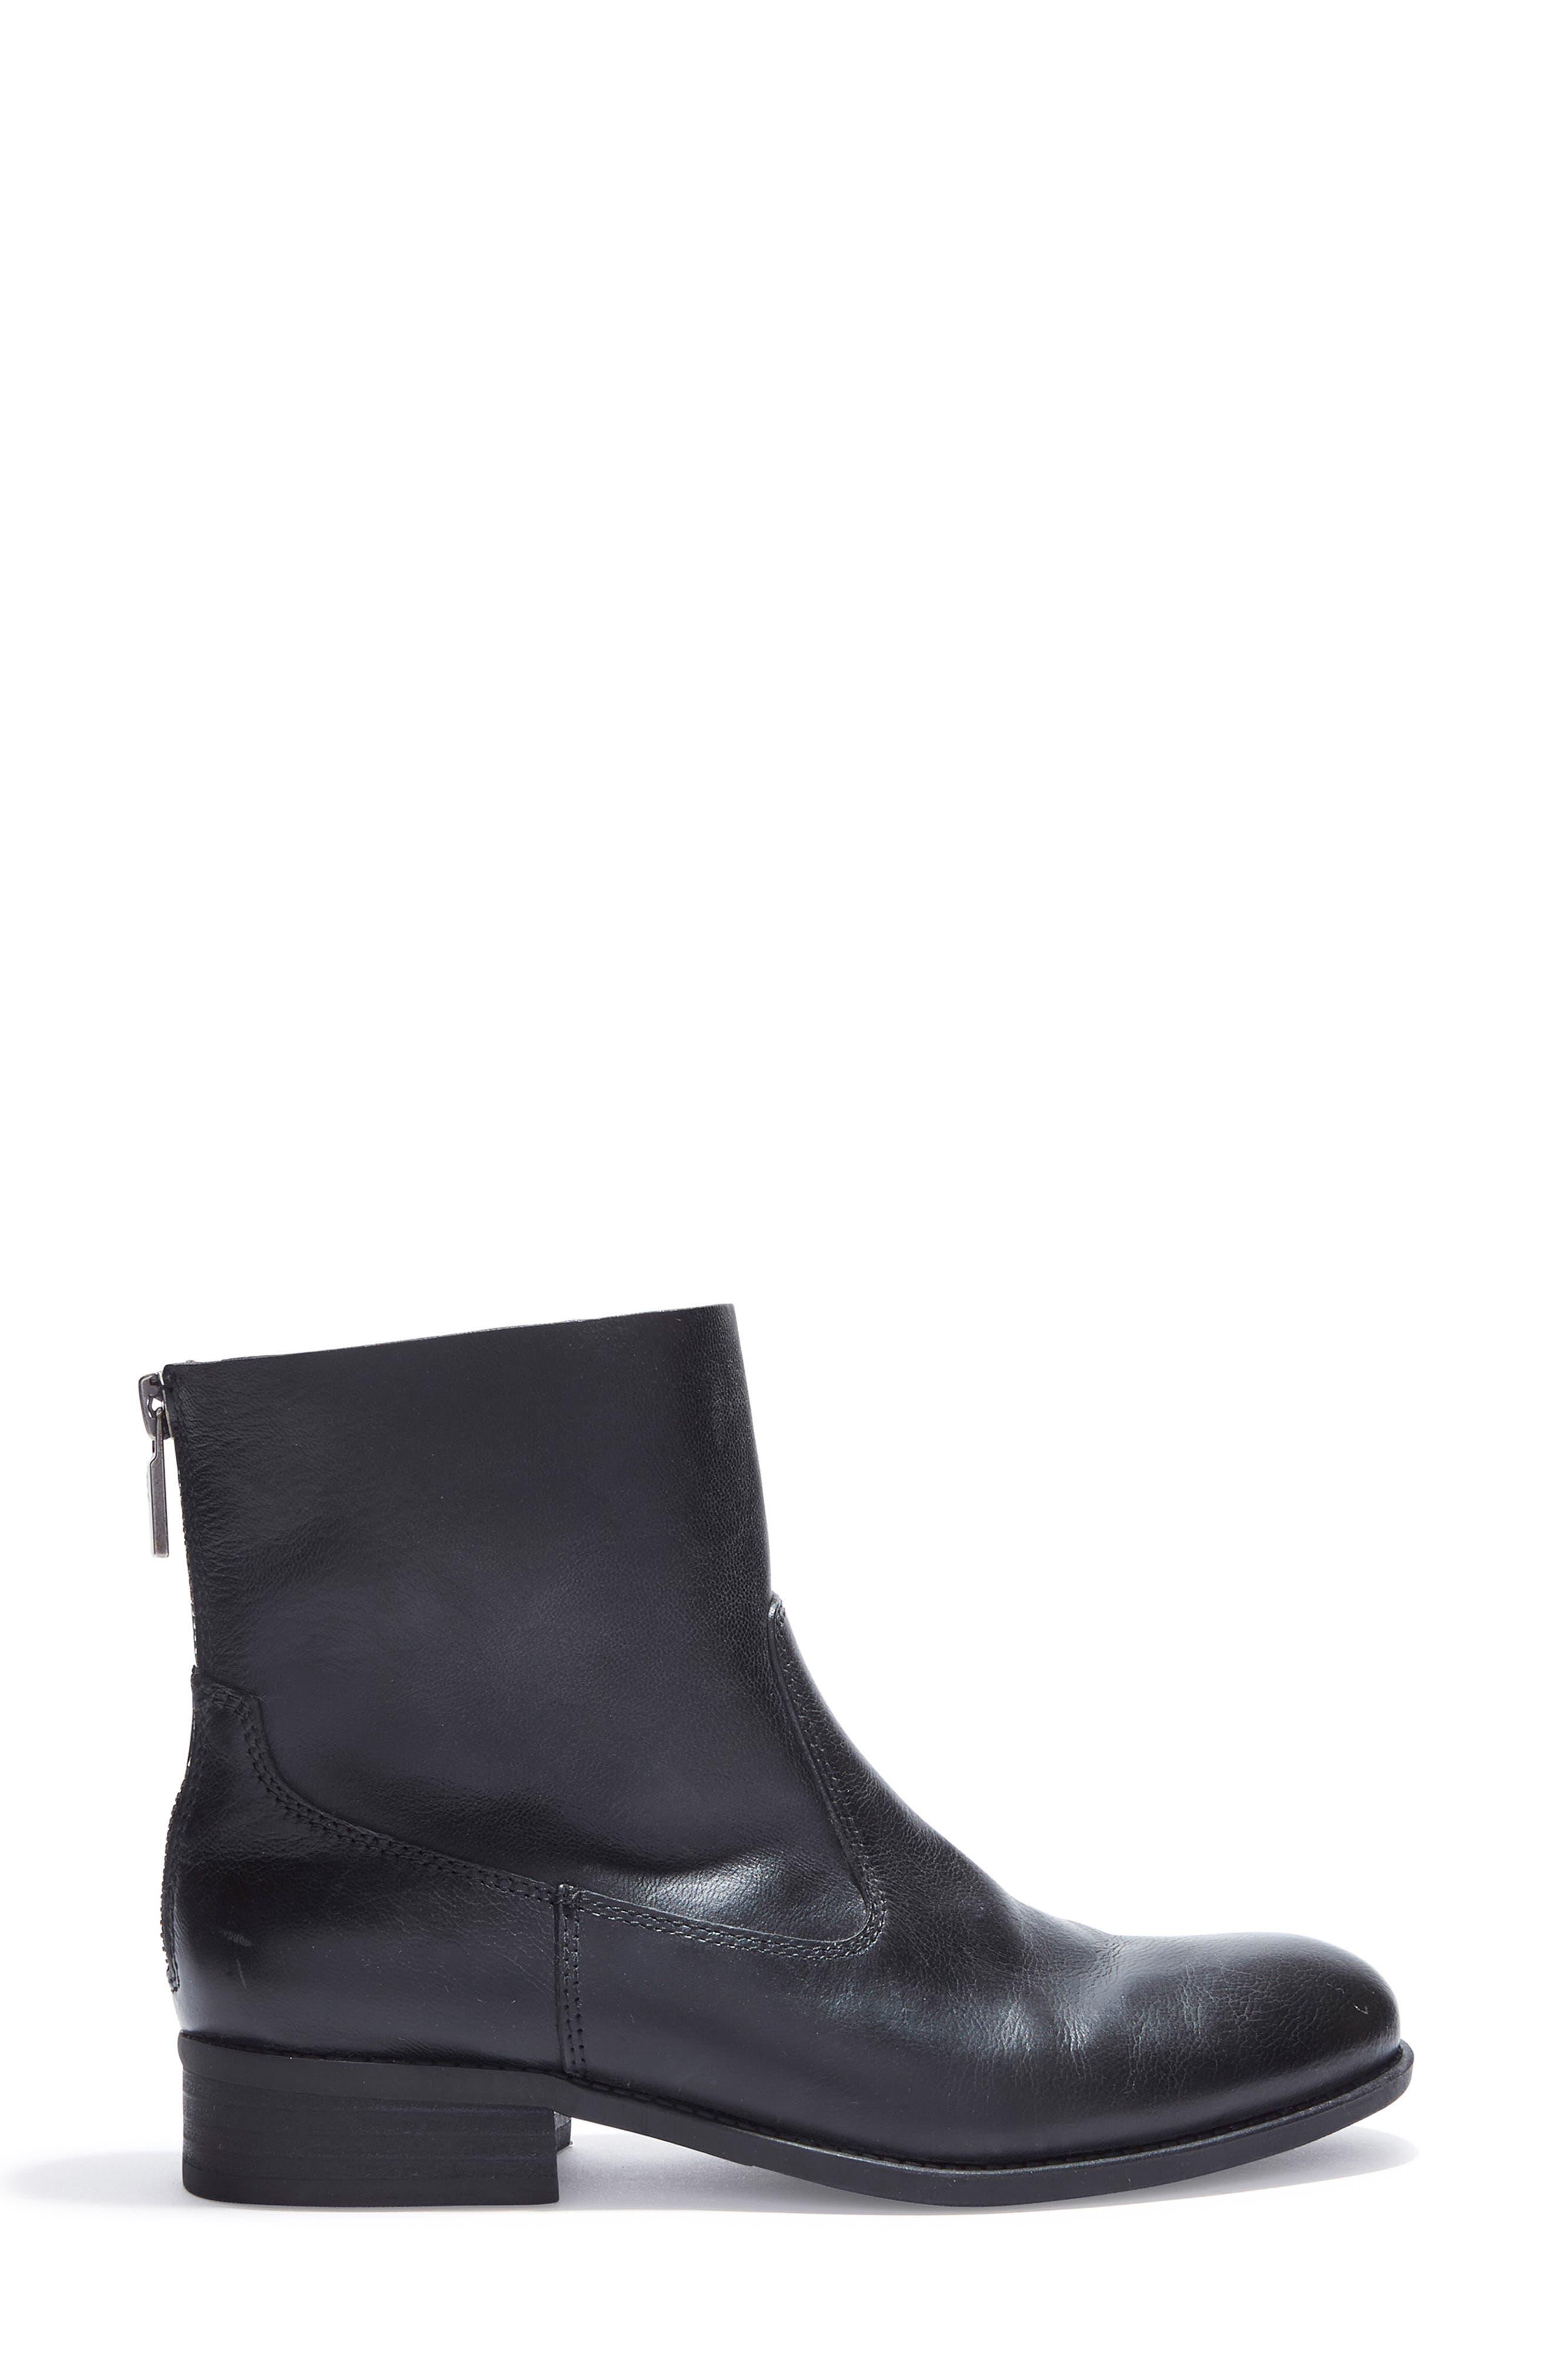 Logan Bootie,                             Alternate thumbnail 3, color,                             Black Leather